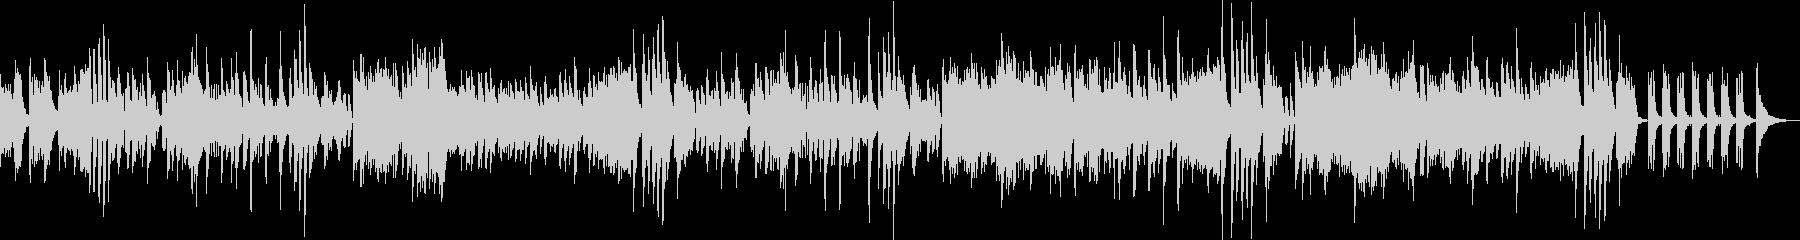 空間的で明るく軽いクラシック名曲カバー の未再生の波形